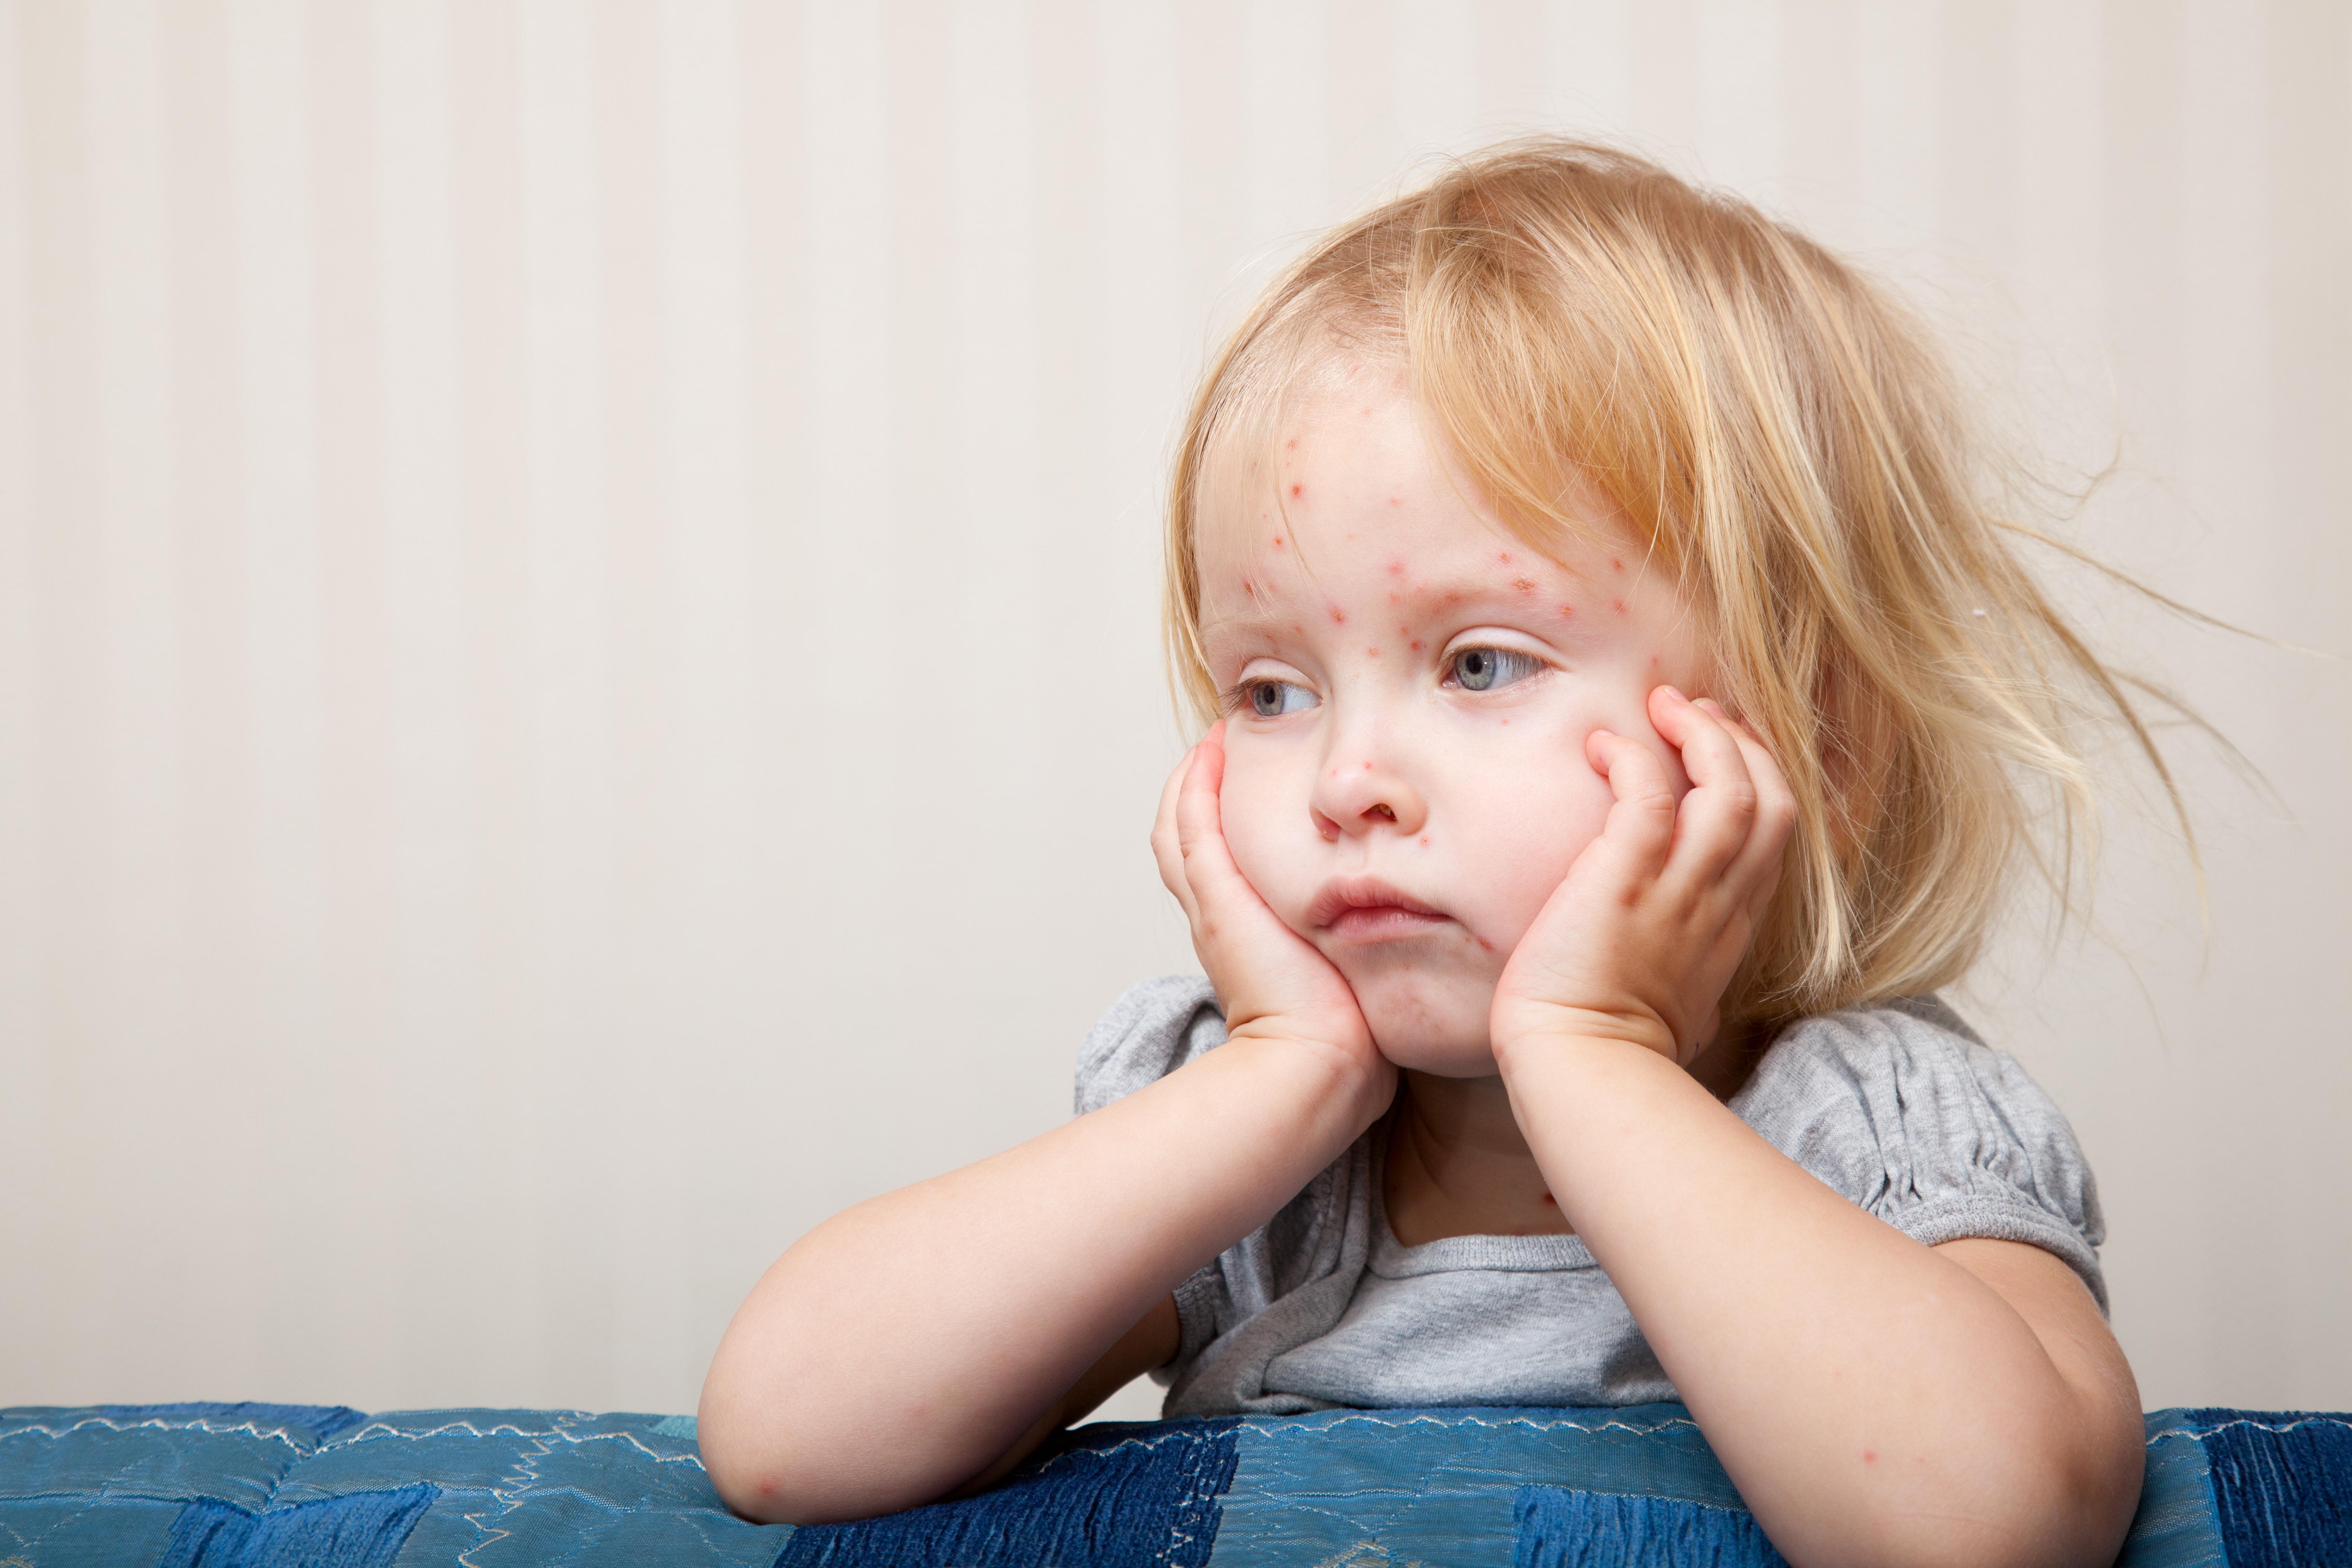 Vattkoppor orsakas av ett virus som smittar från person till person främst via luften runt den som är sjuk.